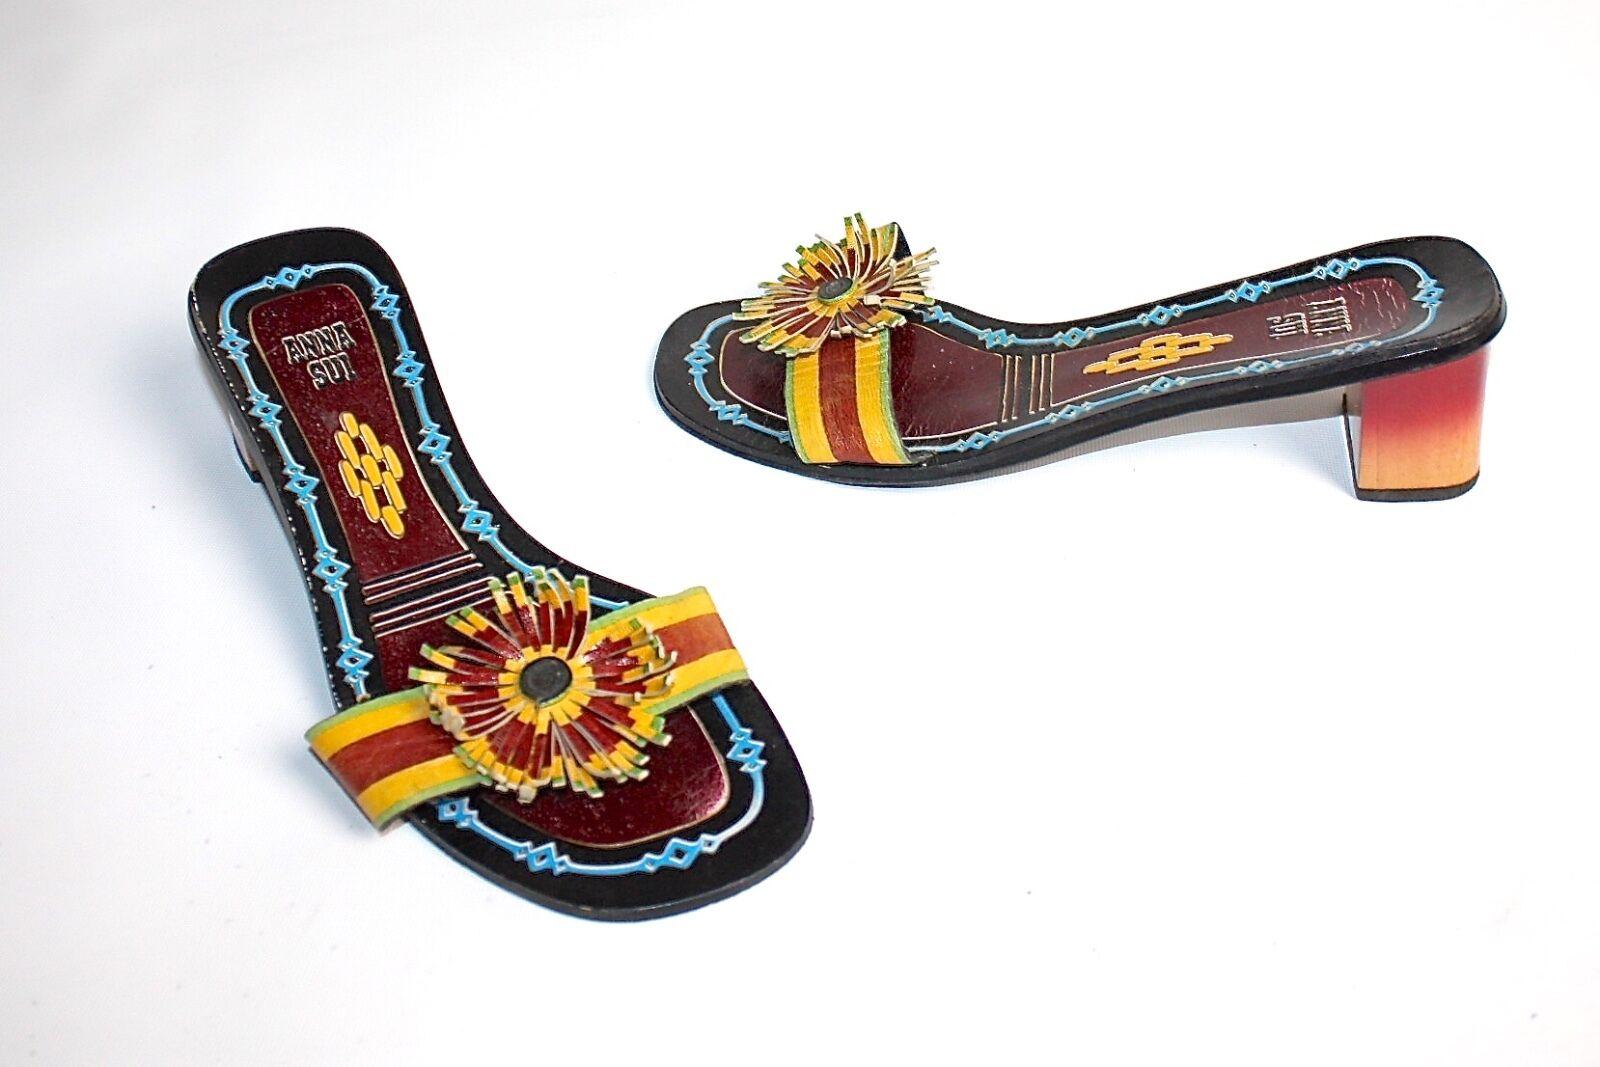 Anna Sui  hermosa Colorido sandalias 39 39 39 usado poco   02193 39 50    alta calidad y envío rápido